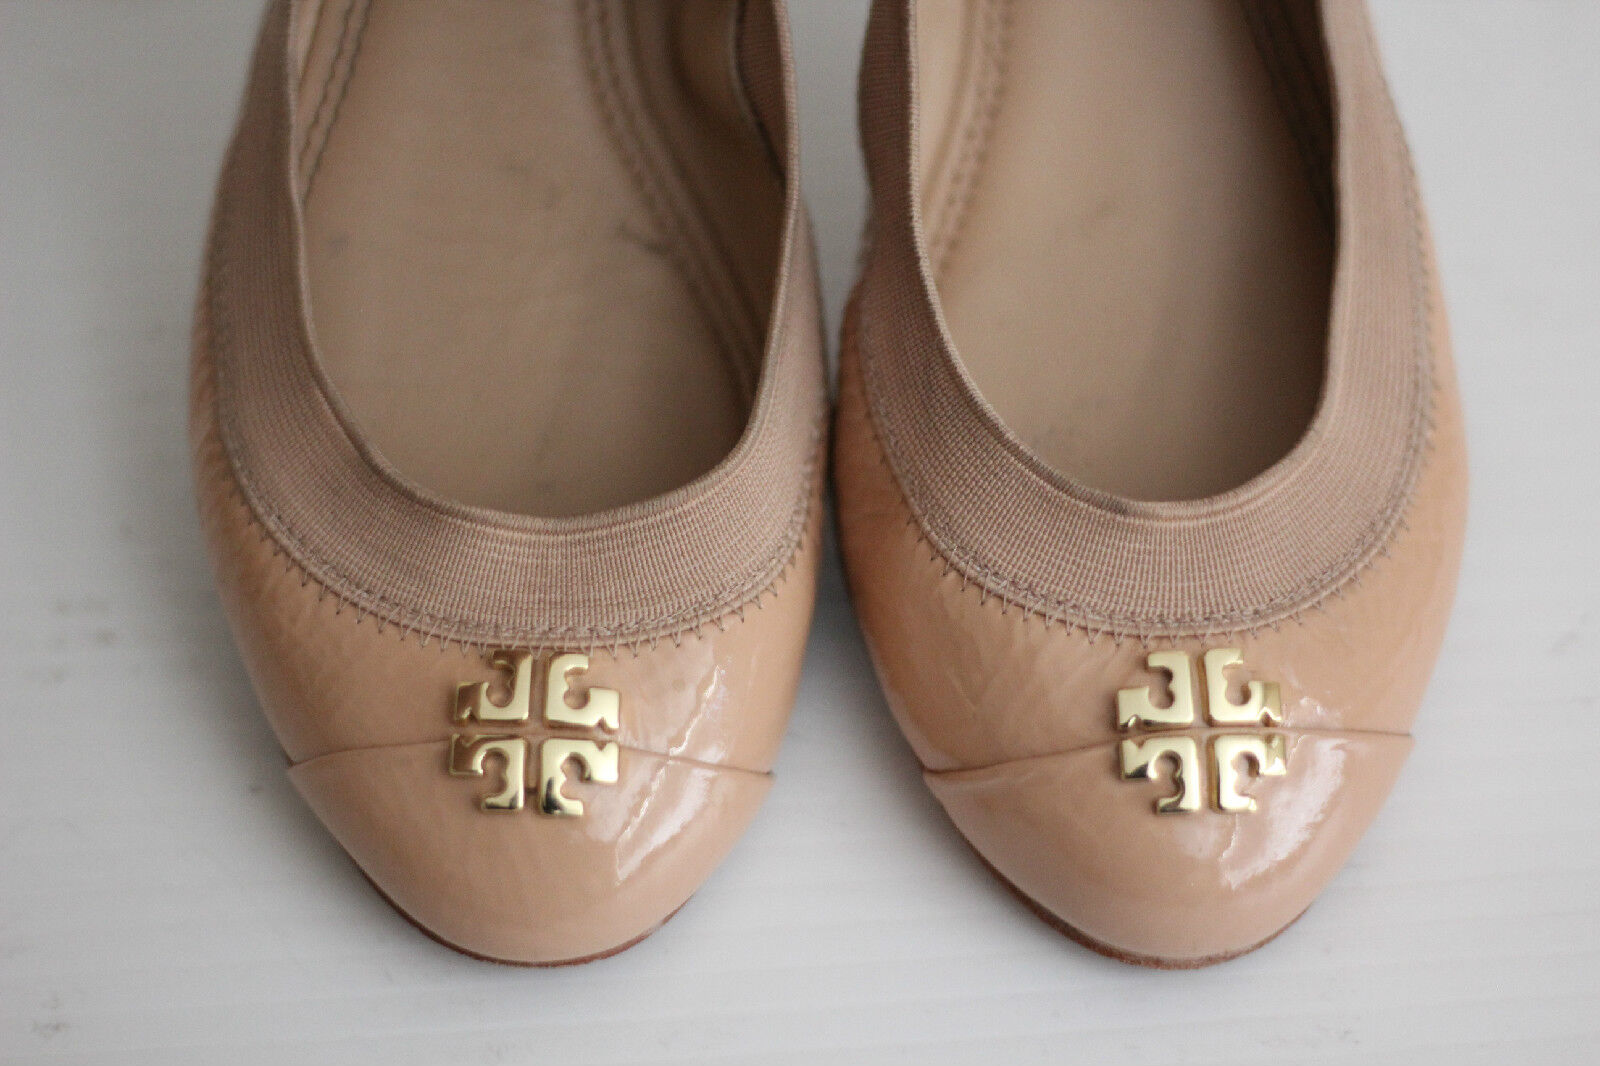 Tory Burch 'Jolie' Patent Ballet Flats - Light Oak - Size 6 M